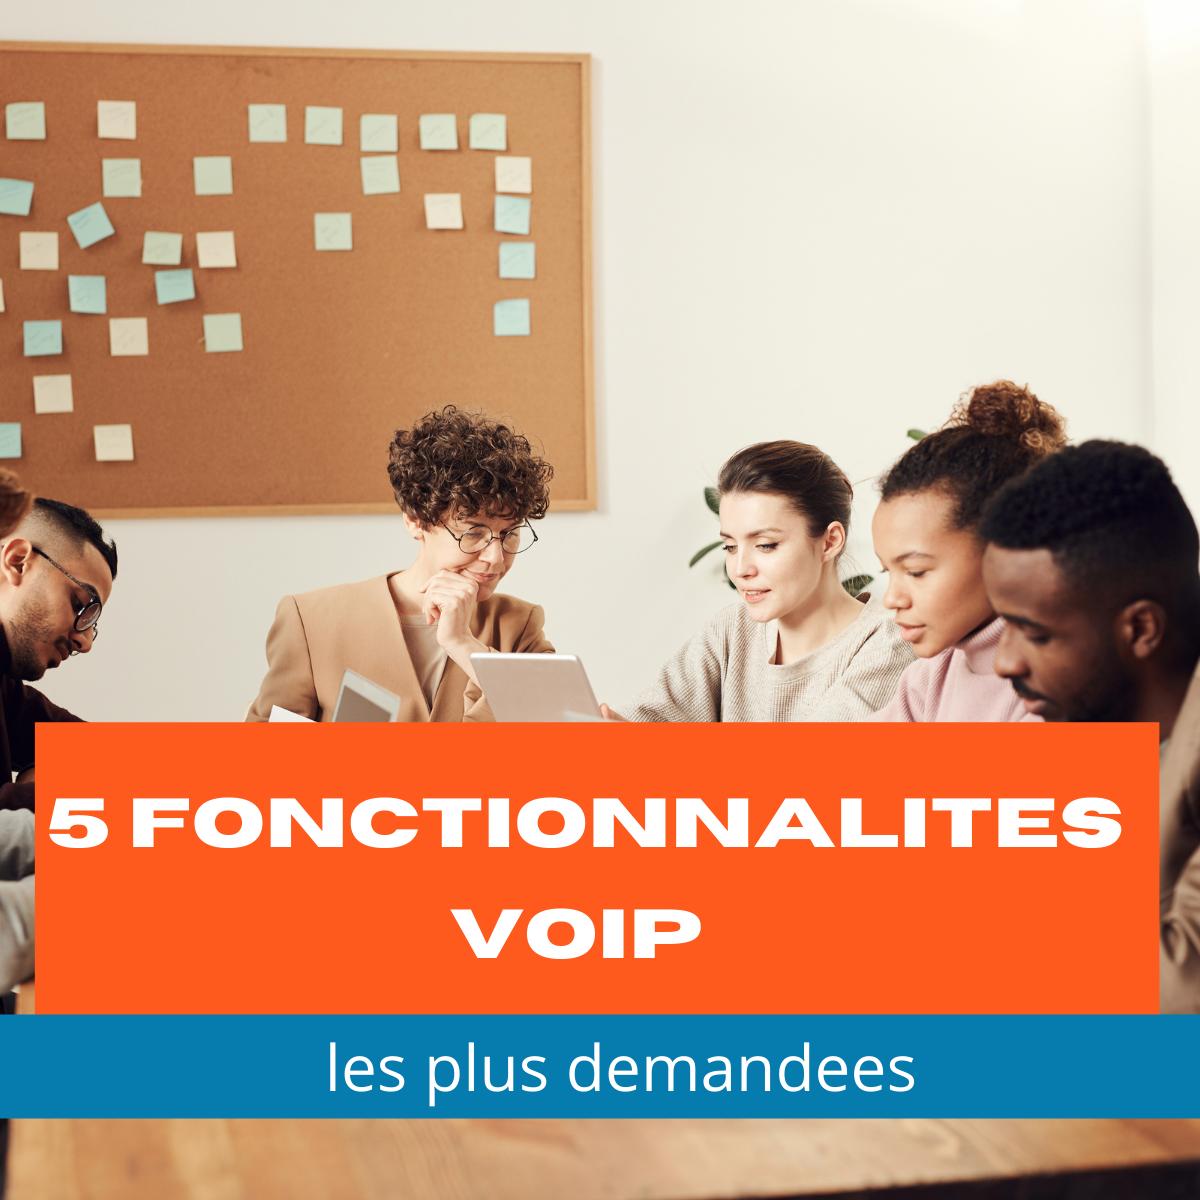 5 Fonctionnalités VoIP Les Plus Demandées